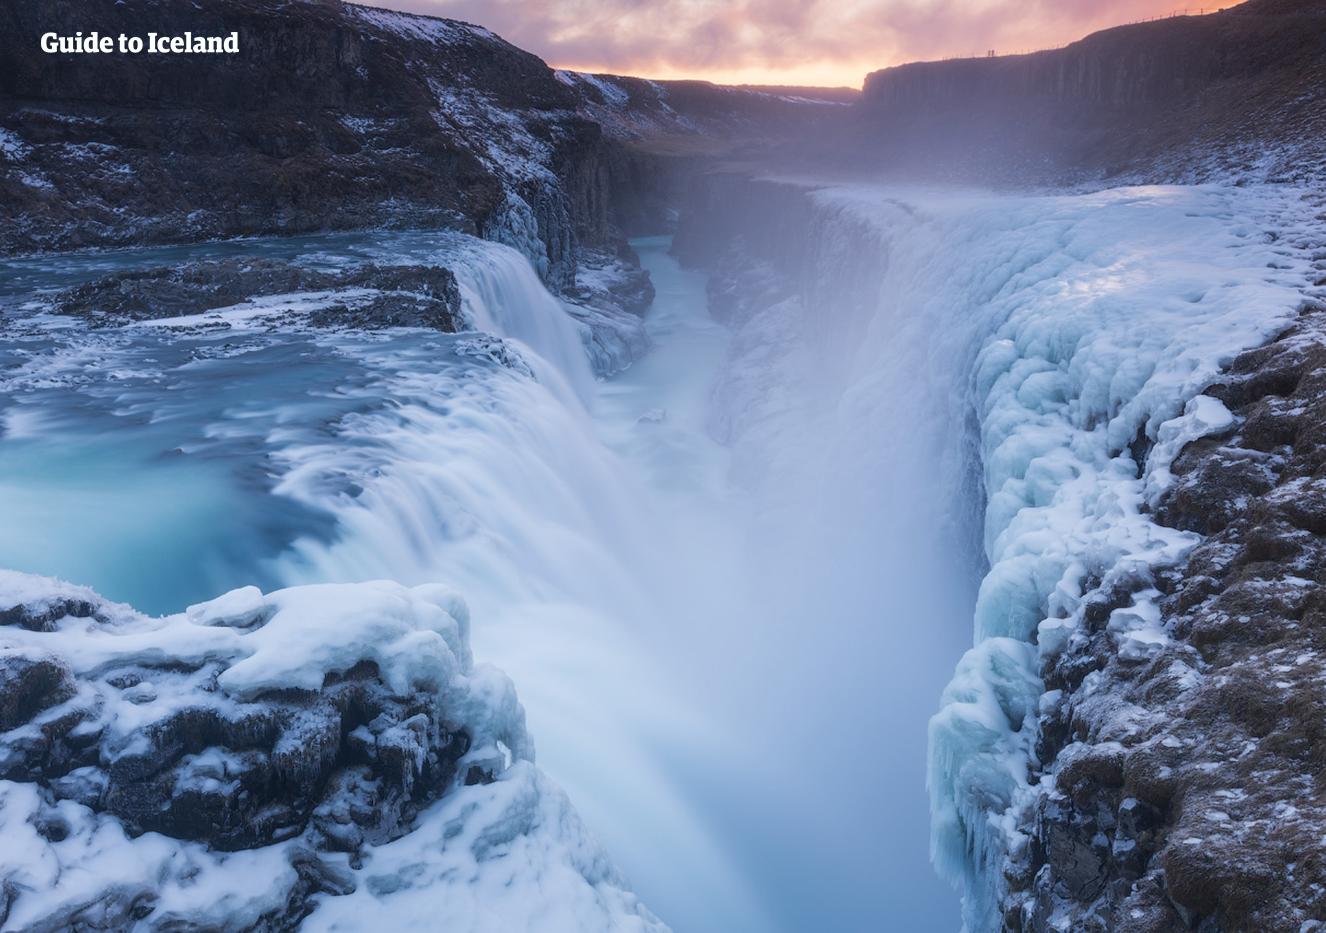 Wodospad Gullfoss zimą uwalniający lodowatą mgłę, która zamarza na skałach i mchu wokół niego, tworząc dramatyczny zimowy obraz.